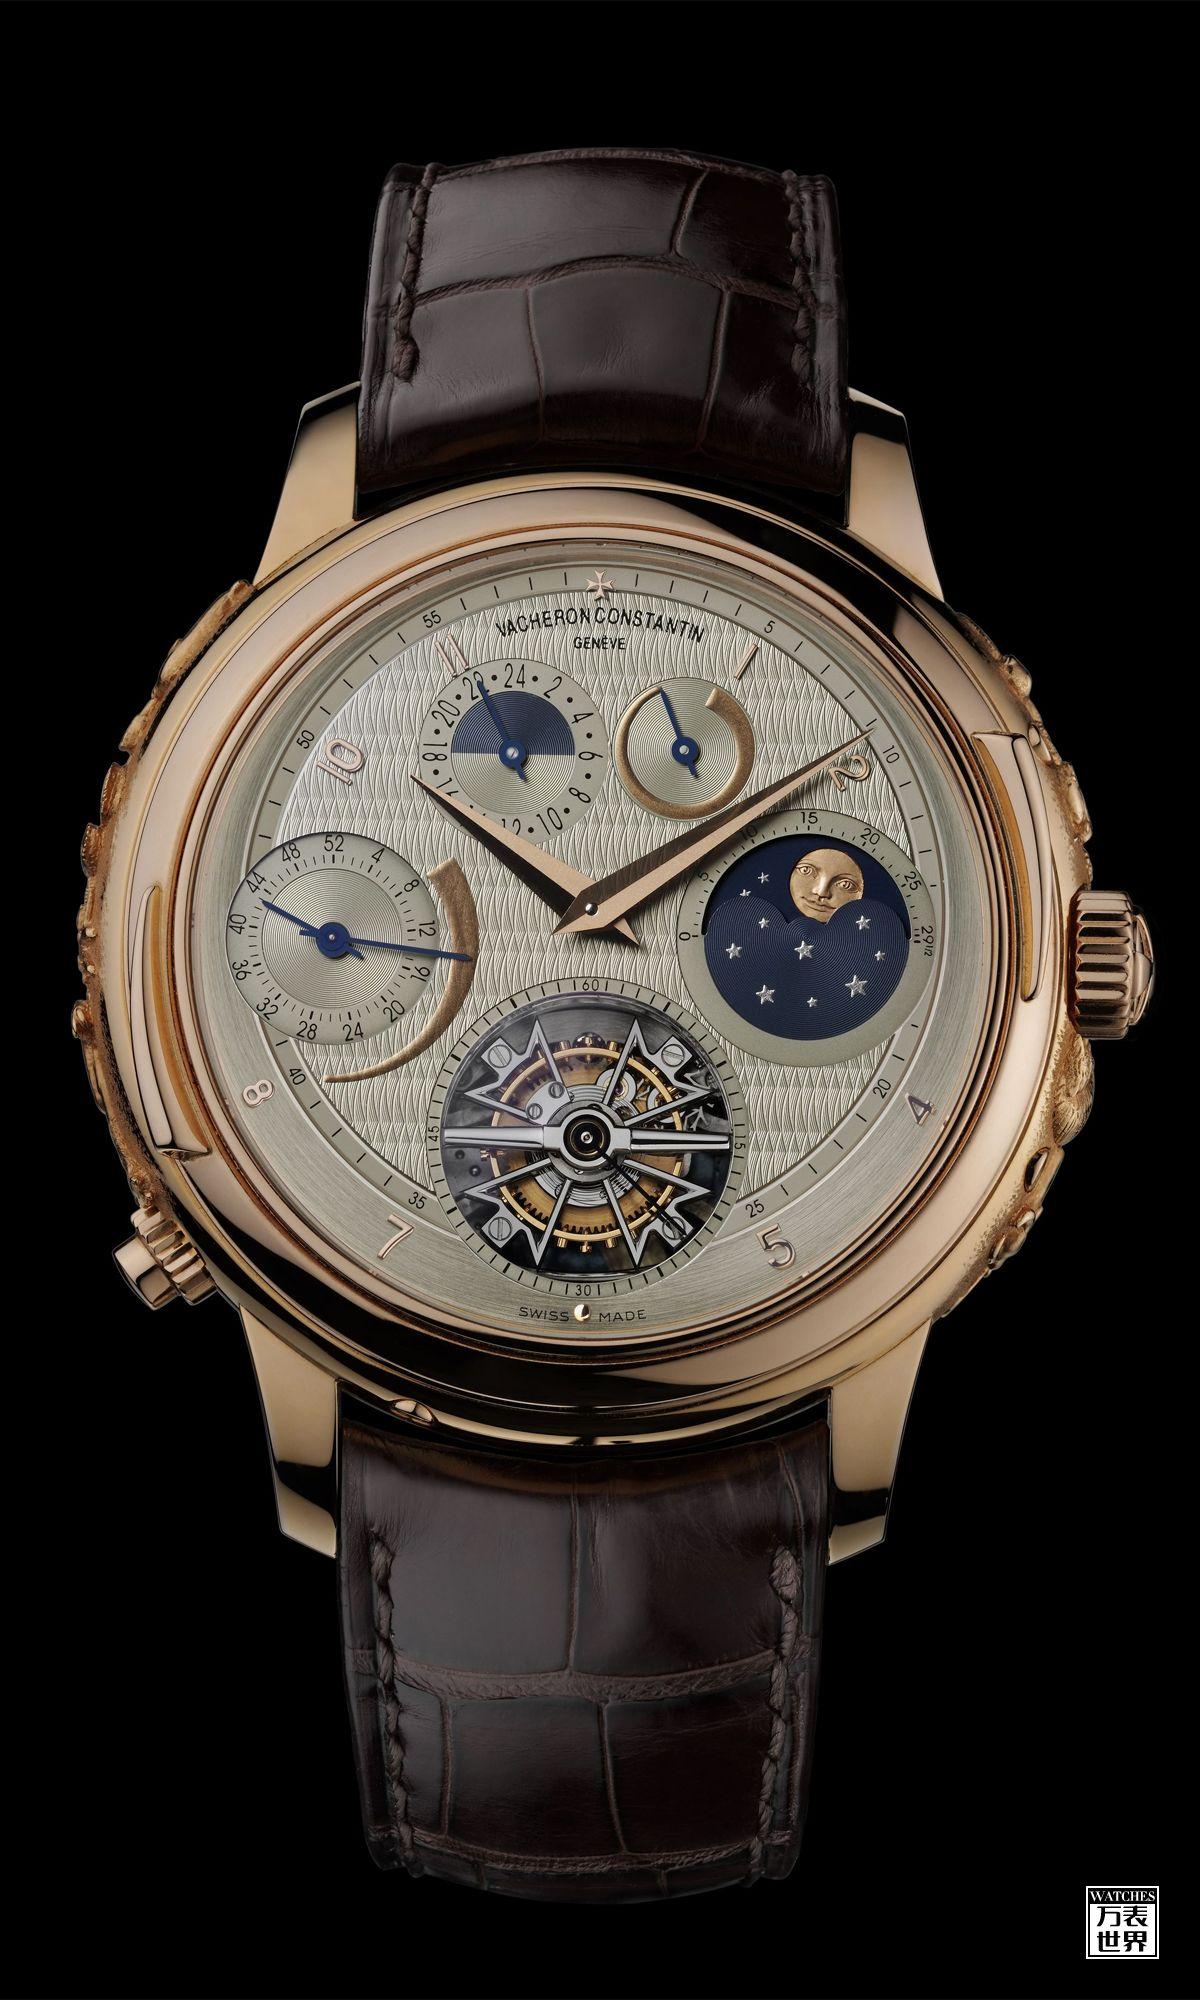 世界最贵手表排行榜,世界最贵手表排名